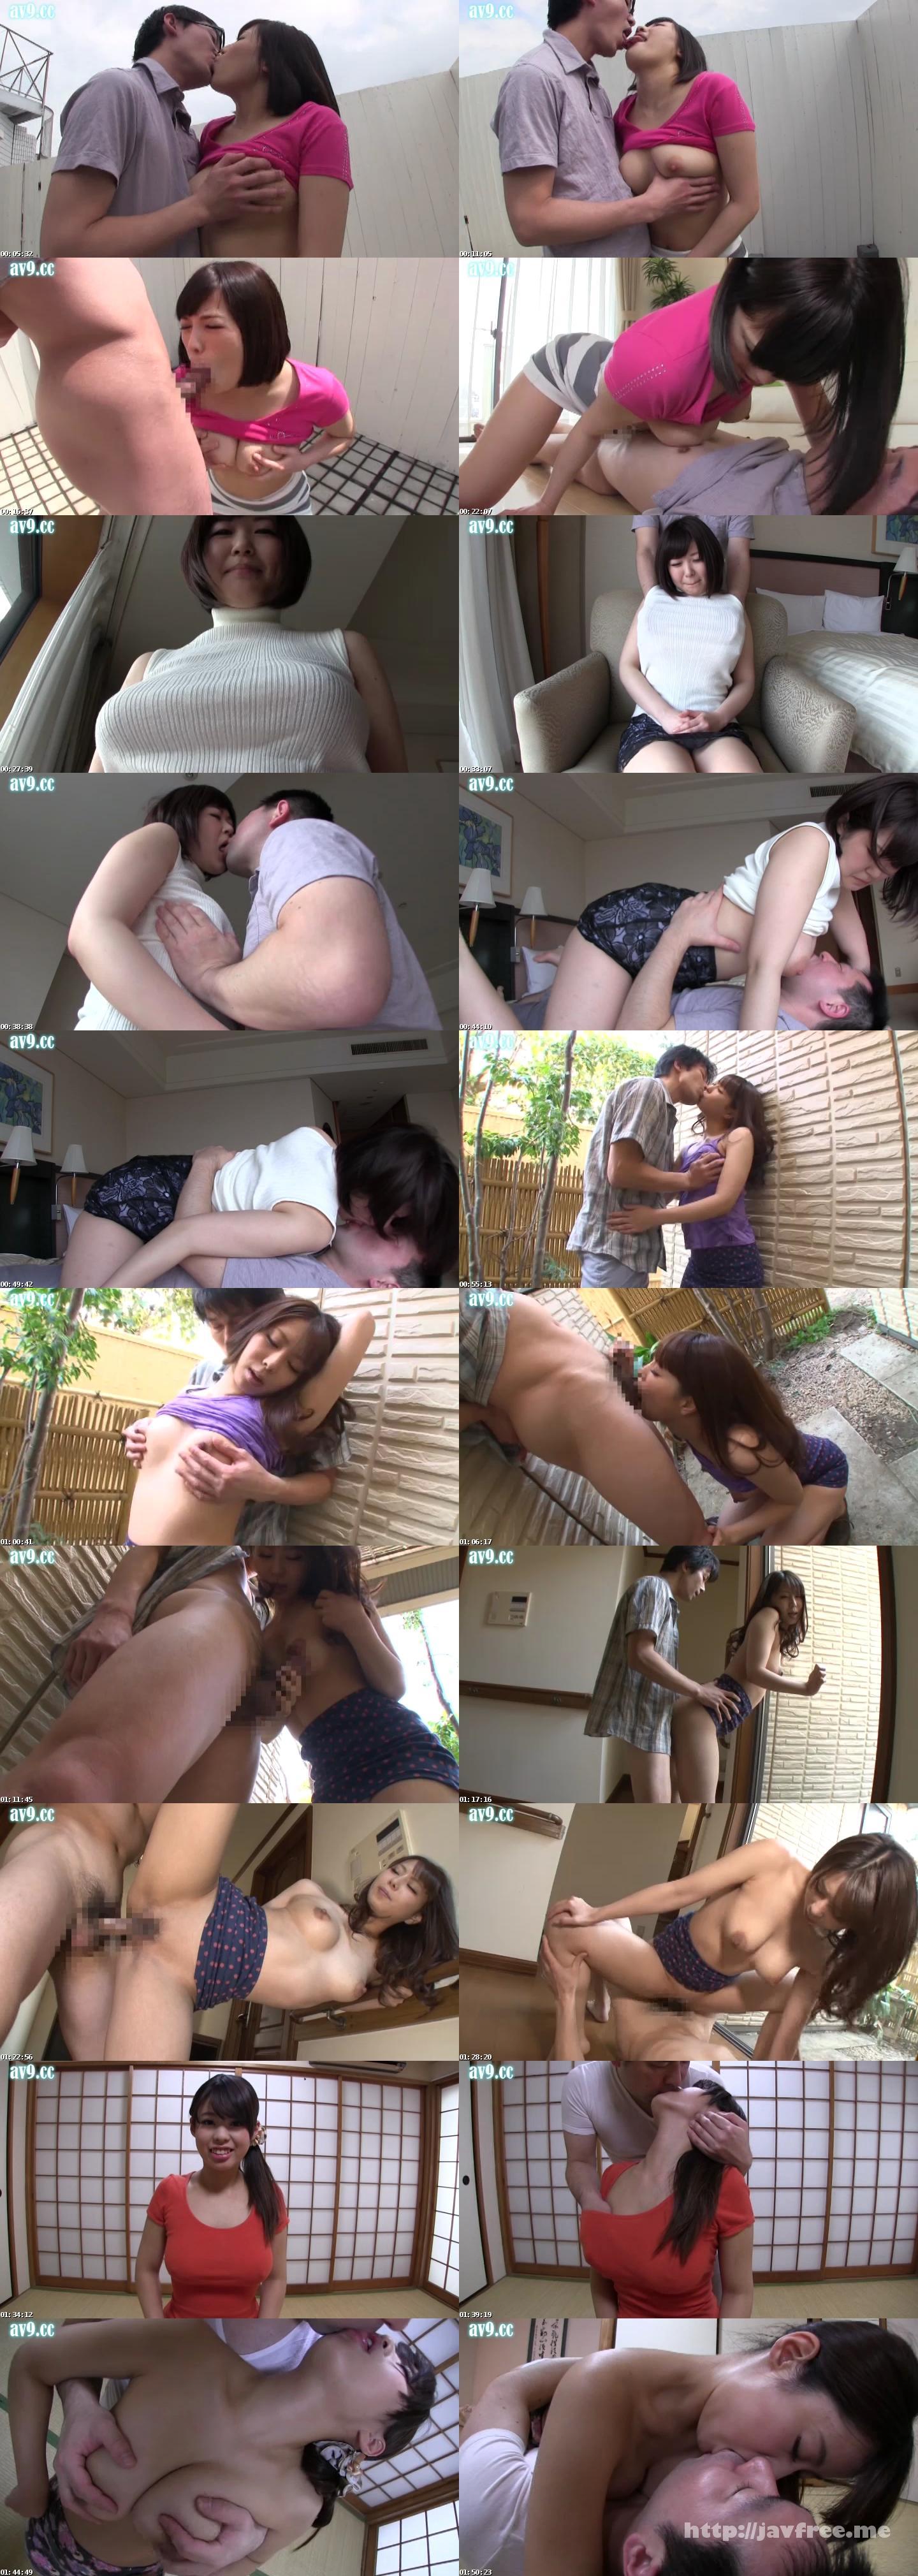 [TGAV-076] Fカップ乳をモミモミしながらの濃厚ベロベロチューが気持ちよすぎる件 - image TGAV-076 on https://javfree.me